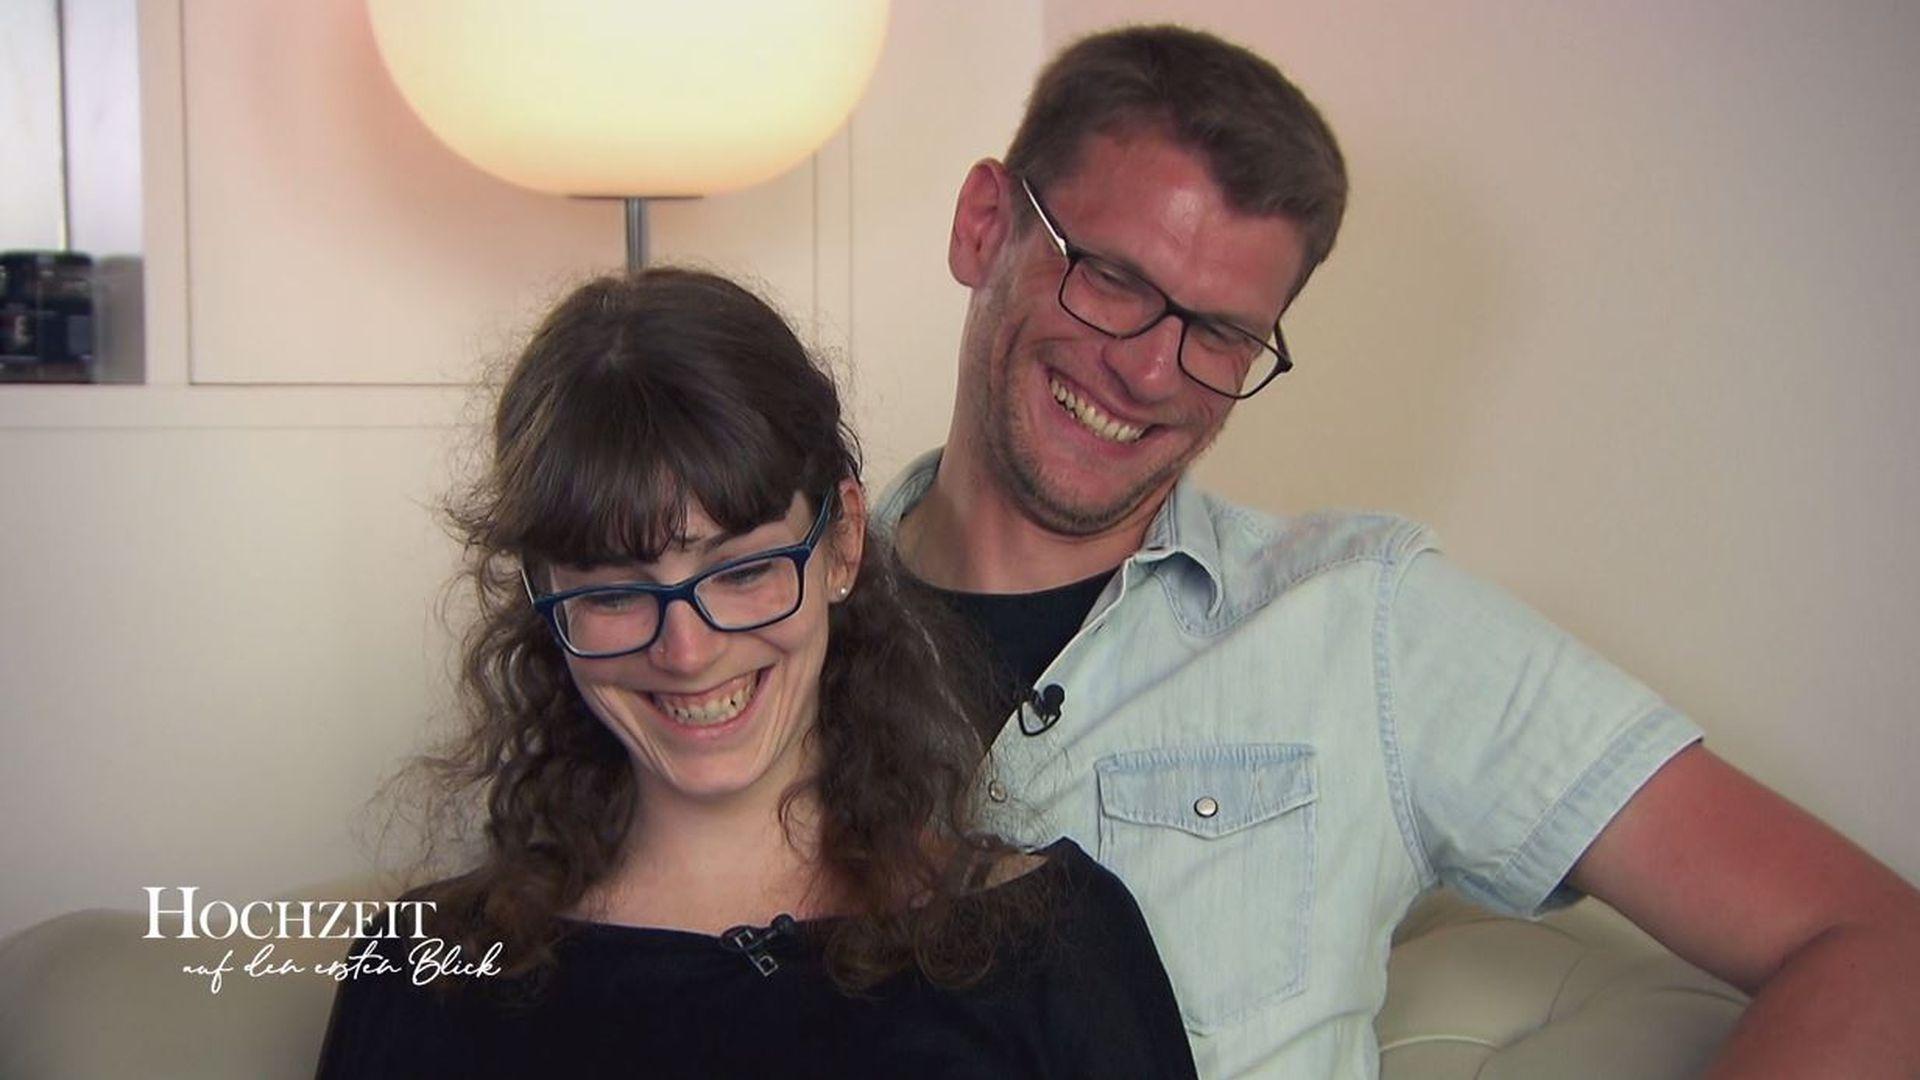 Endlich Hochzeit Auf Den Ersten Blick Manuel Kusst Annika Promiflash De